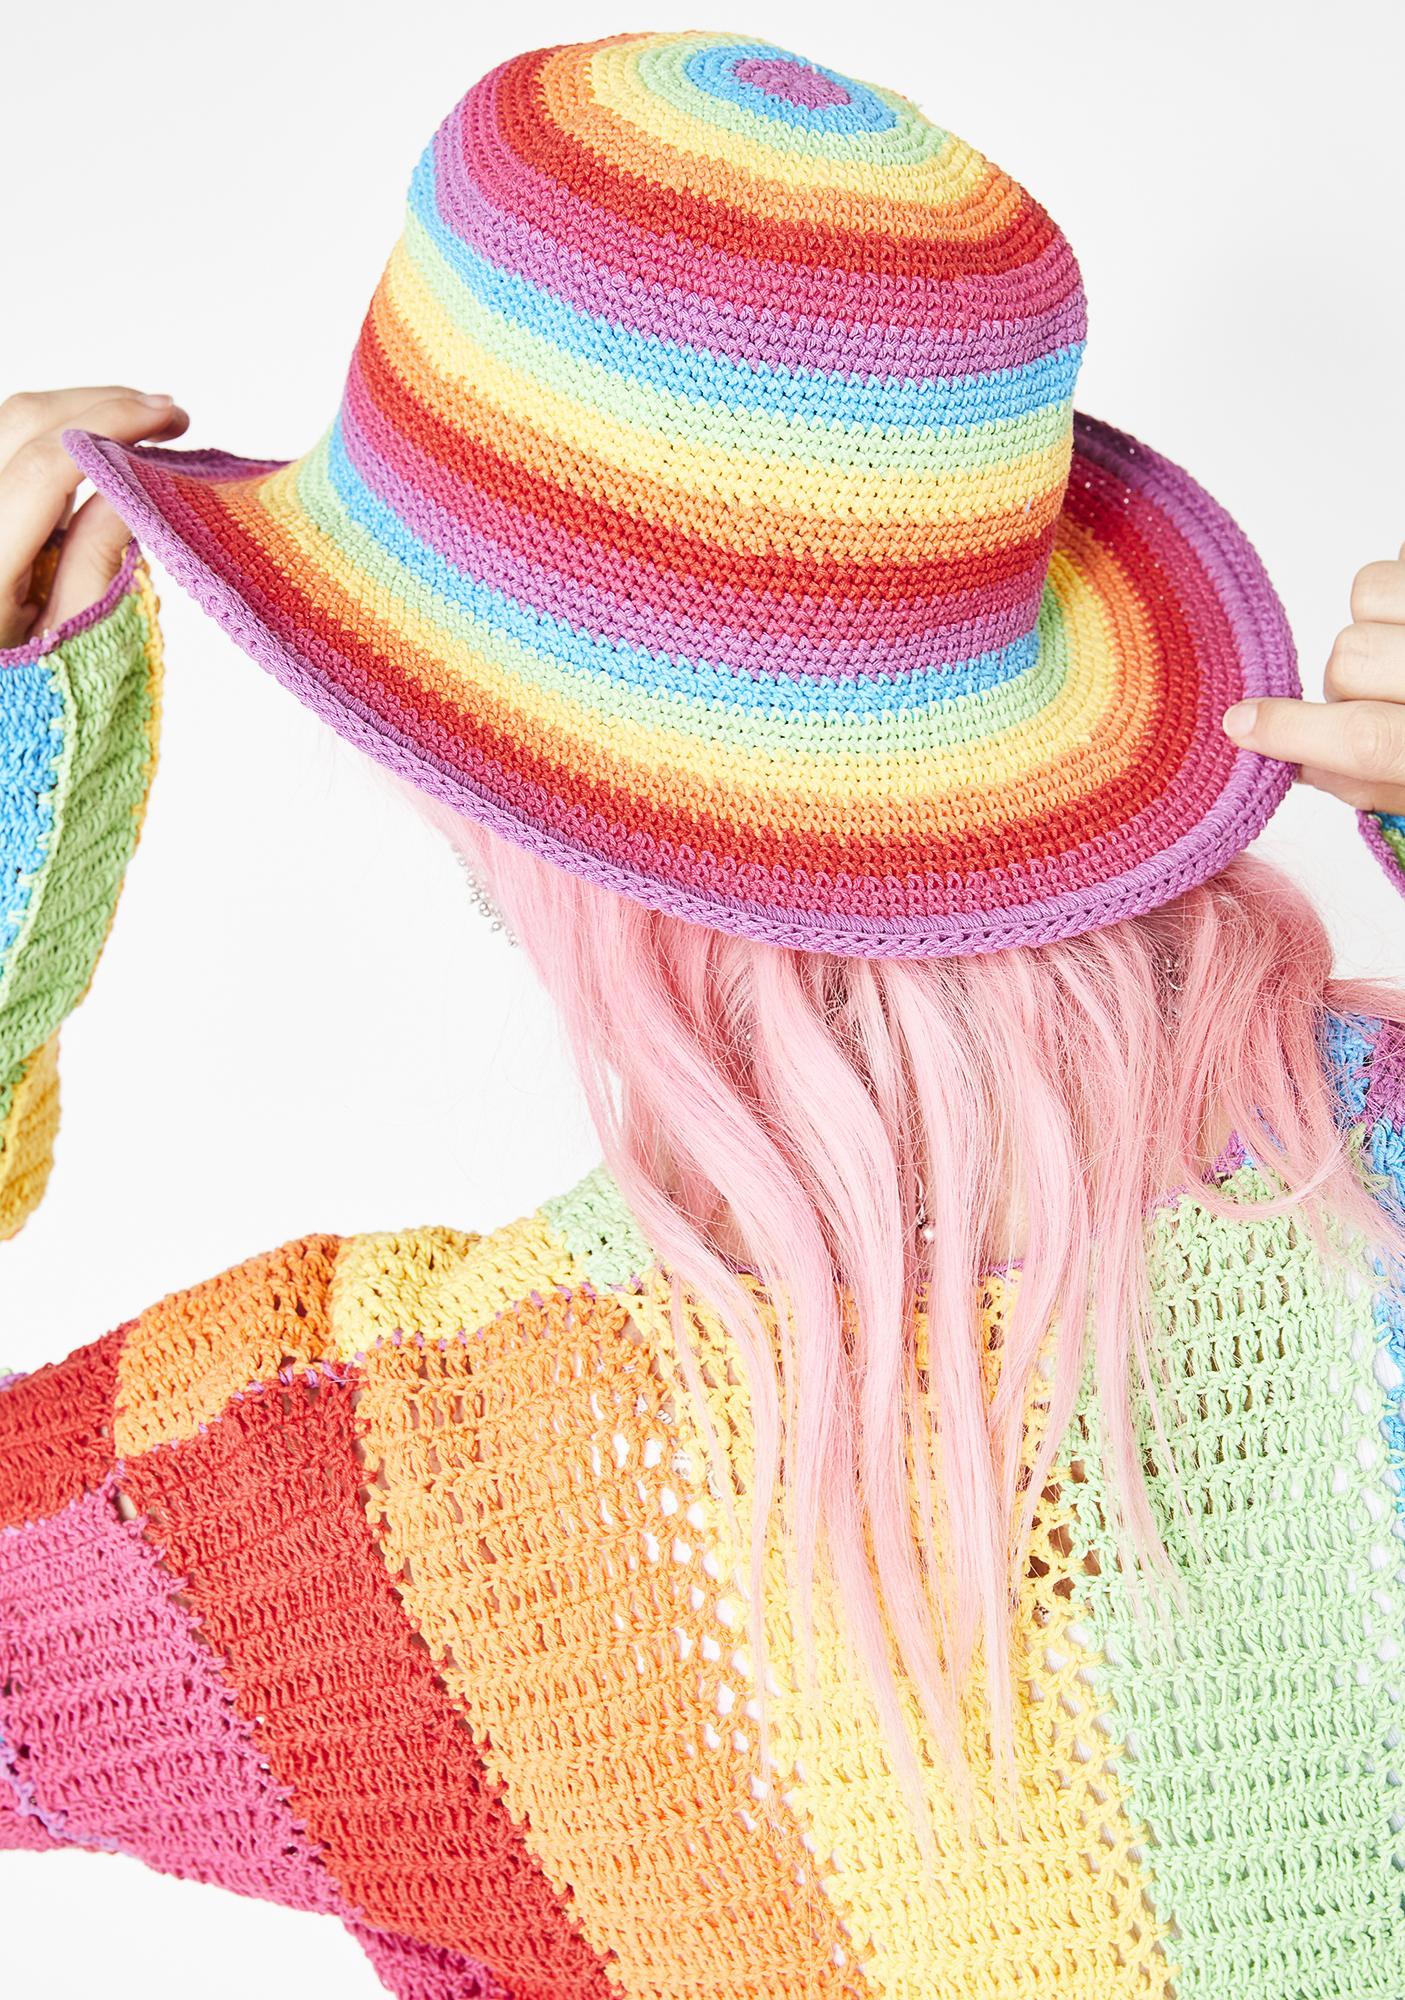 16ac5fa257 ... Fluffy Rainbow Floppy Hat